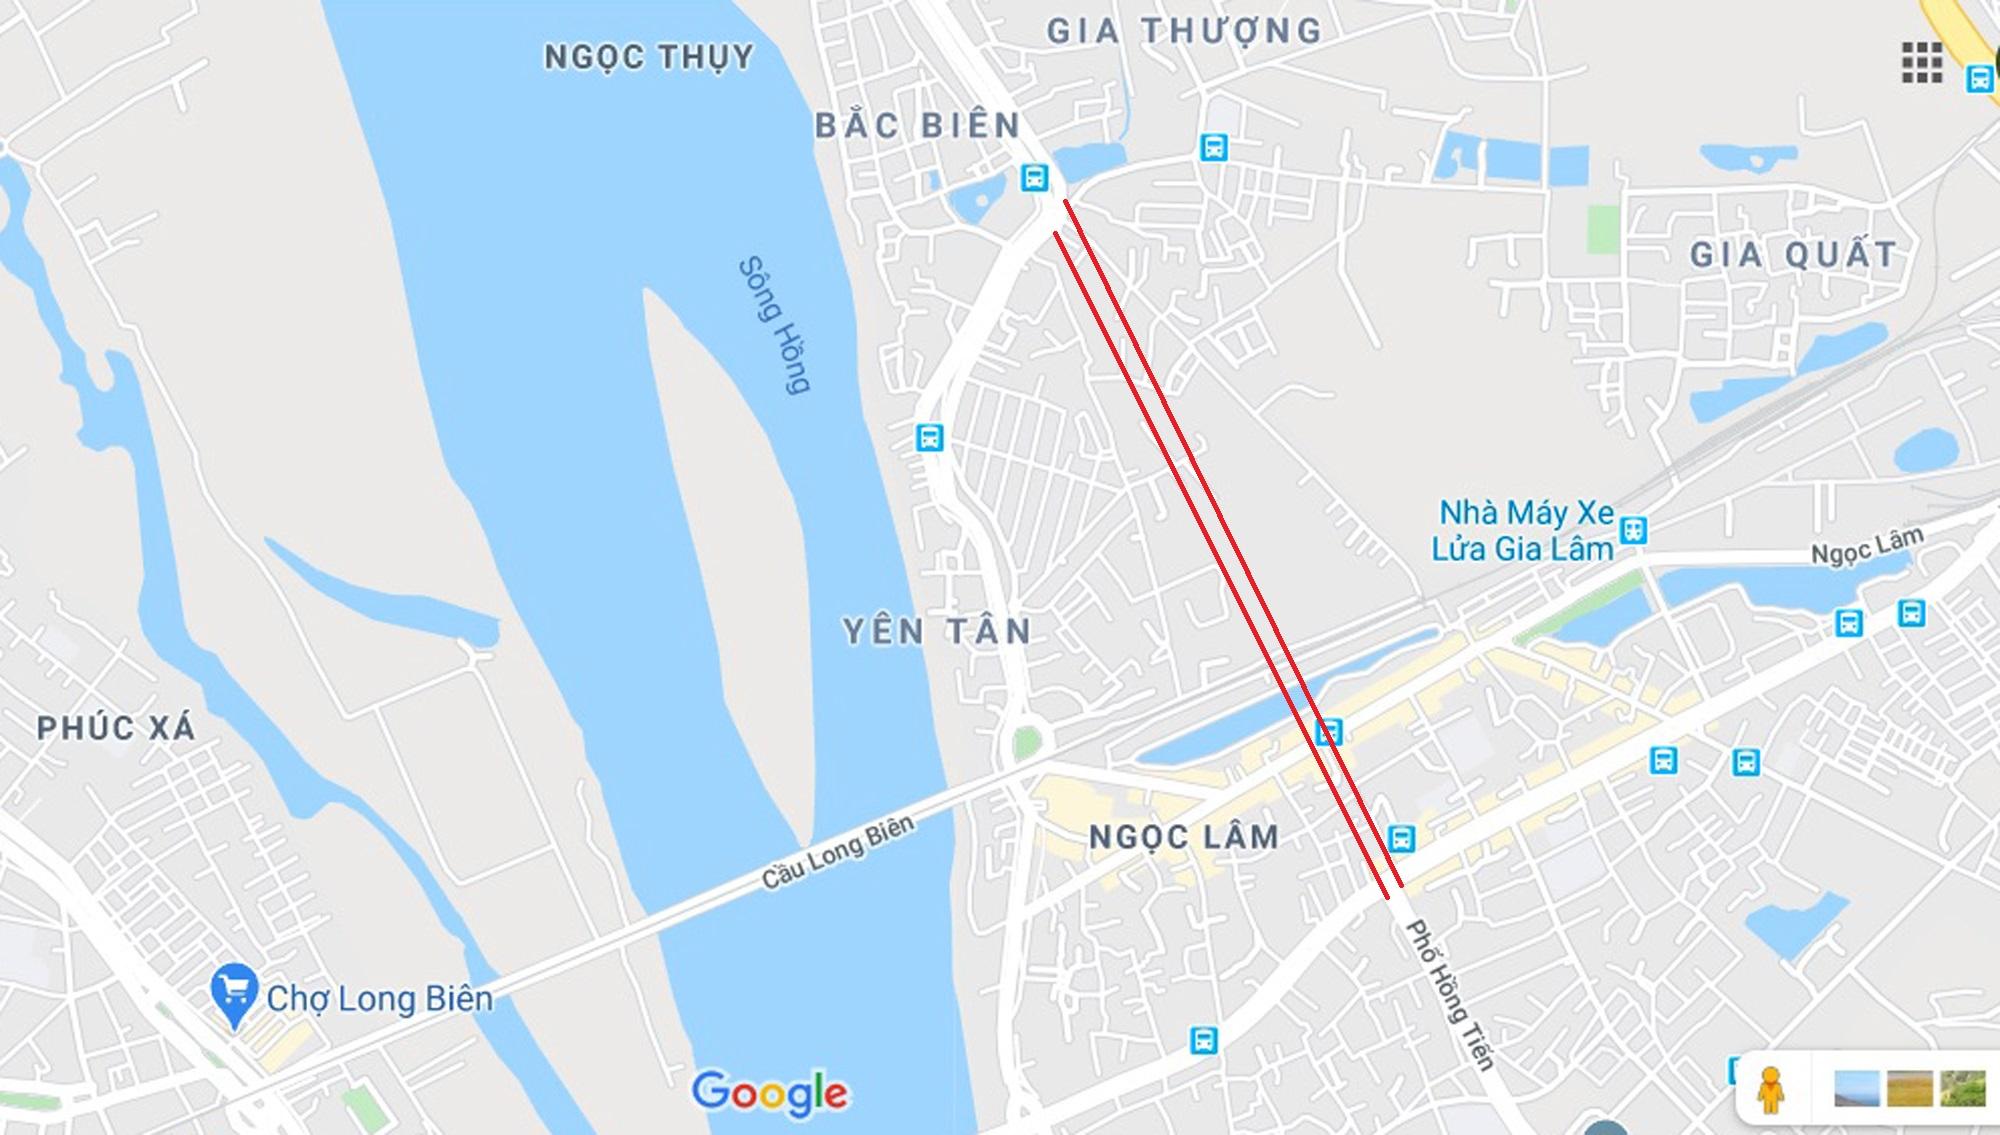 Đường ngàn tỉ nối Ngọc Thụy - Nguyễn Văn Cừ ở quận Long Biên mới làm được vài trăm mét - Ảnh 1.